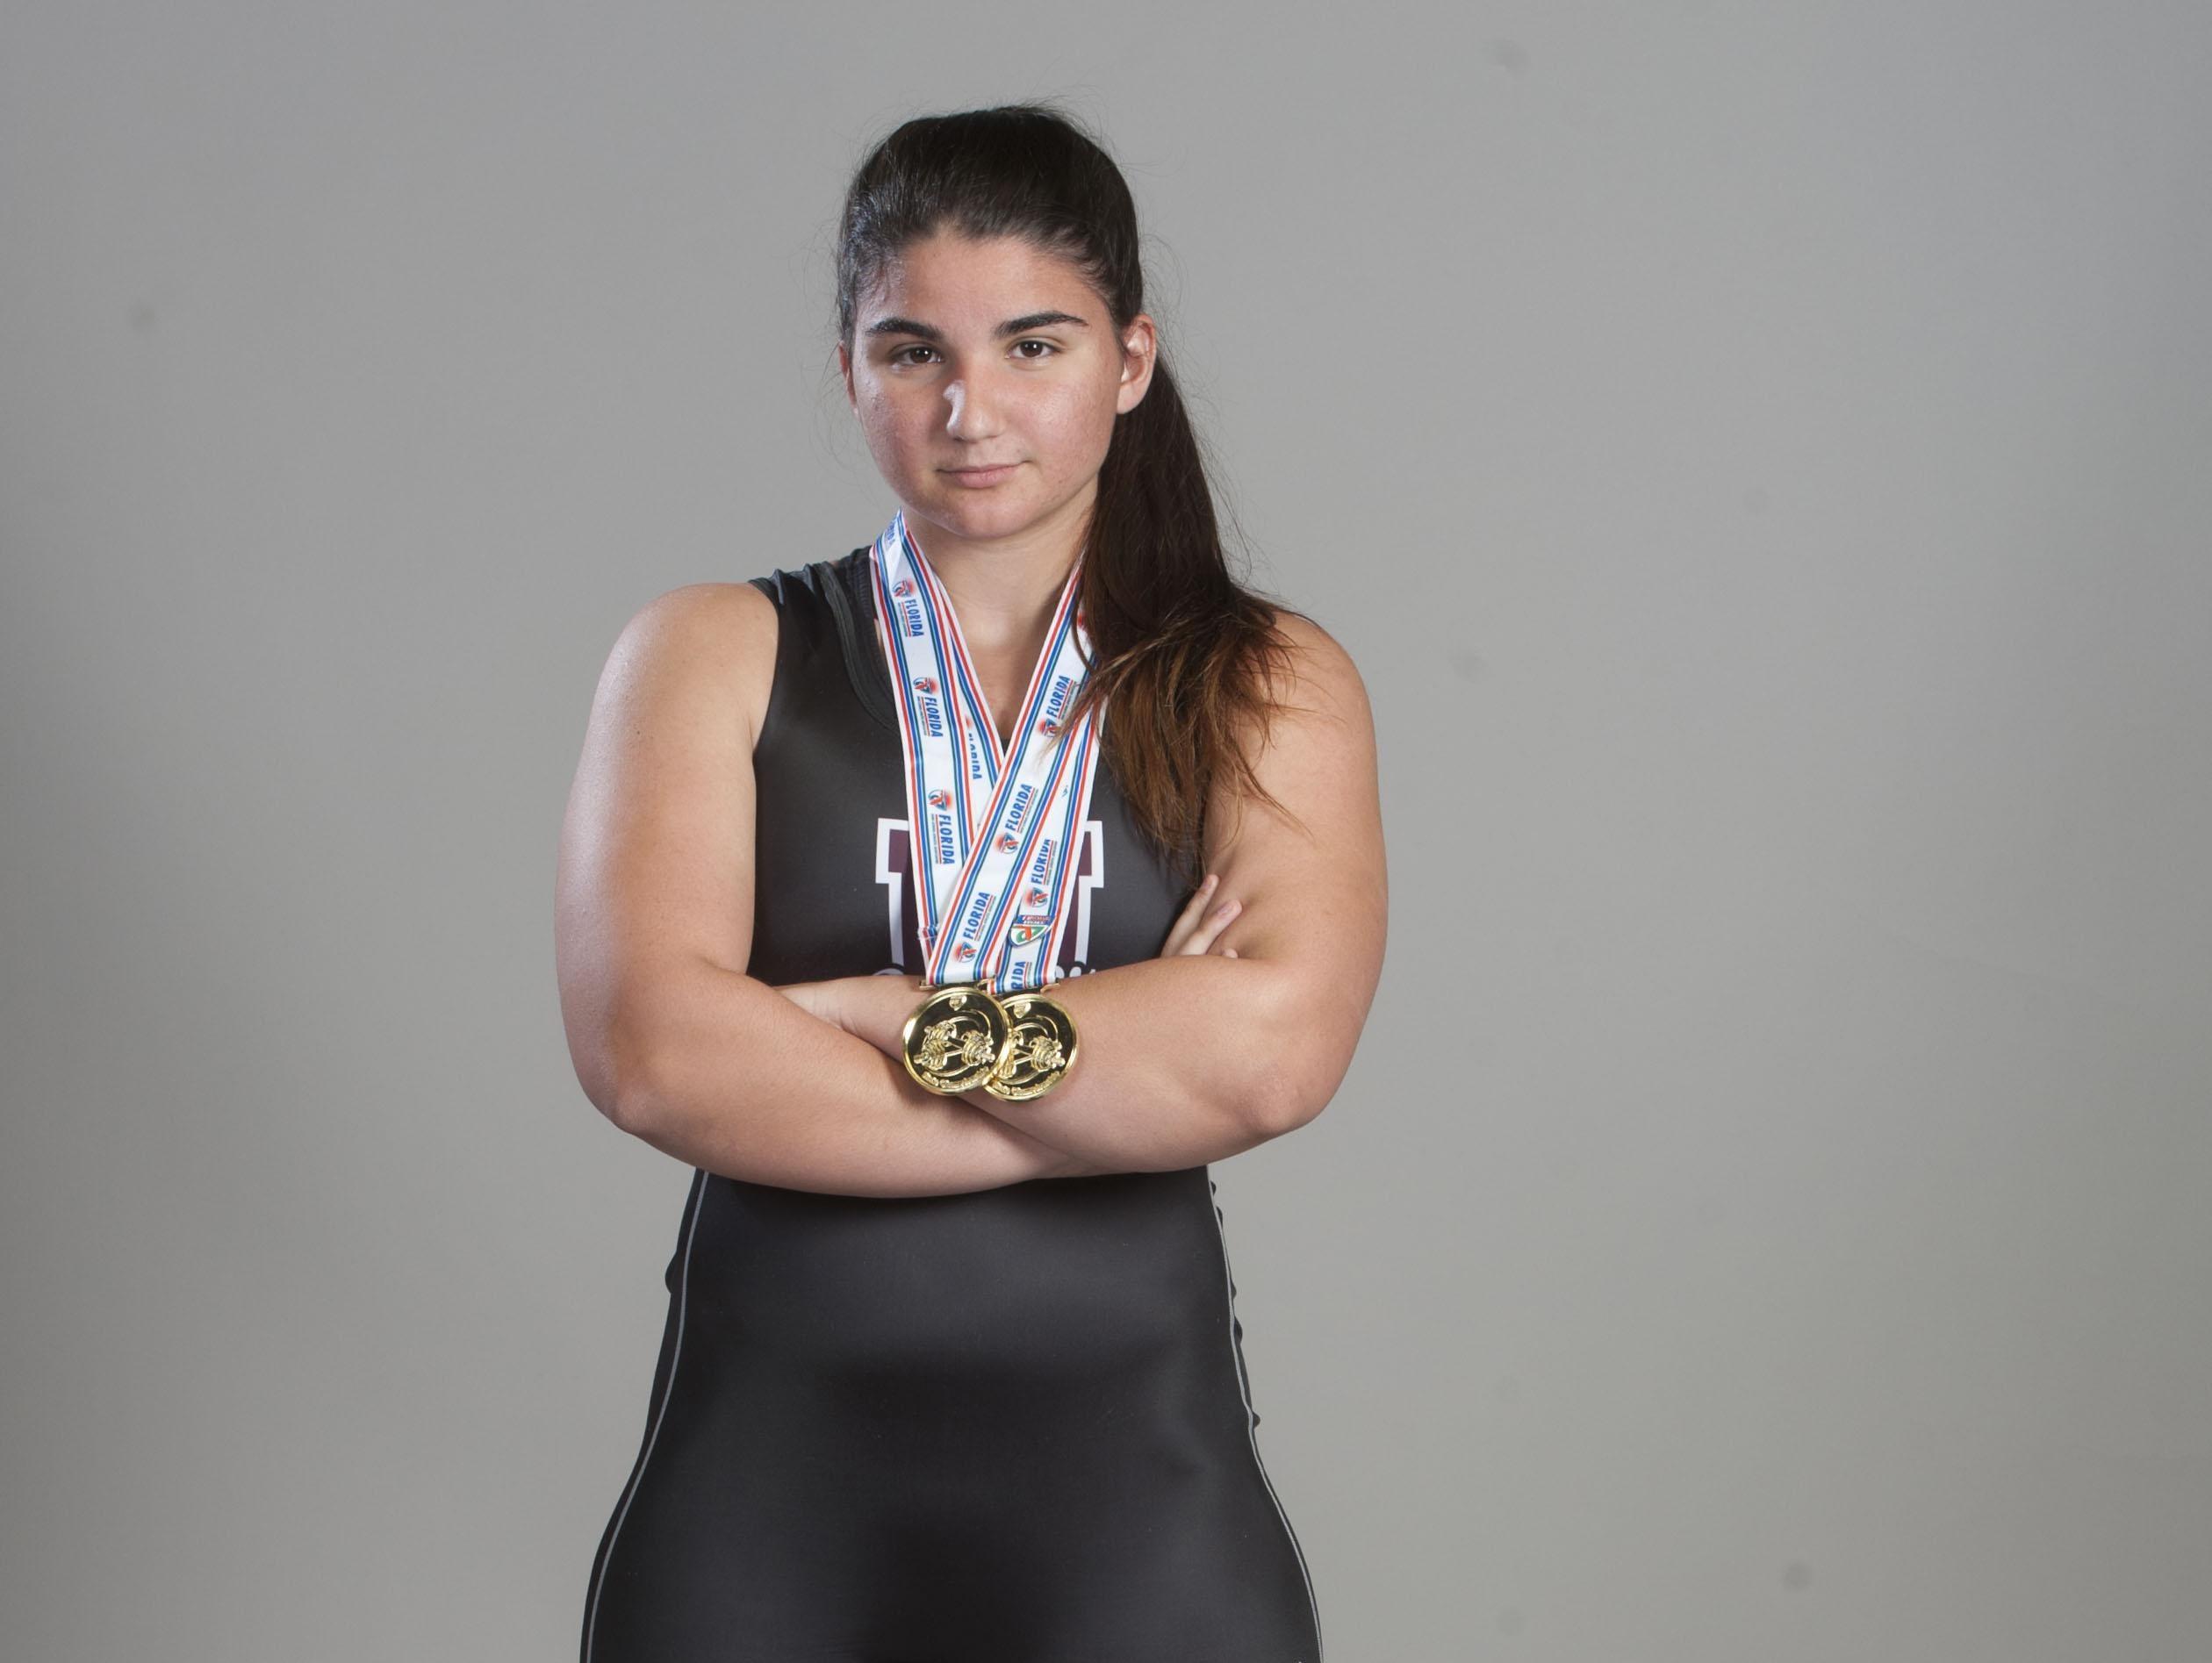 Olivia Brahms, Navarre weightlifting